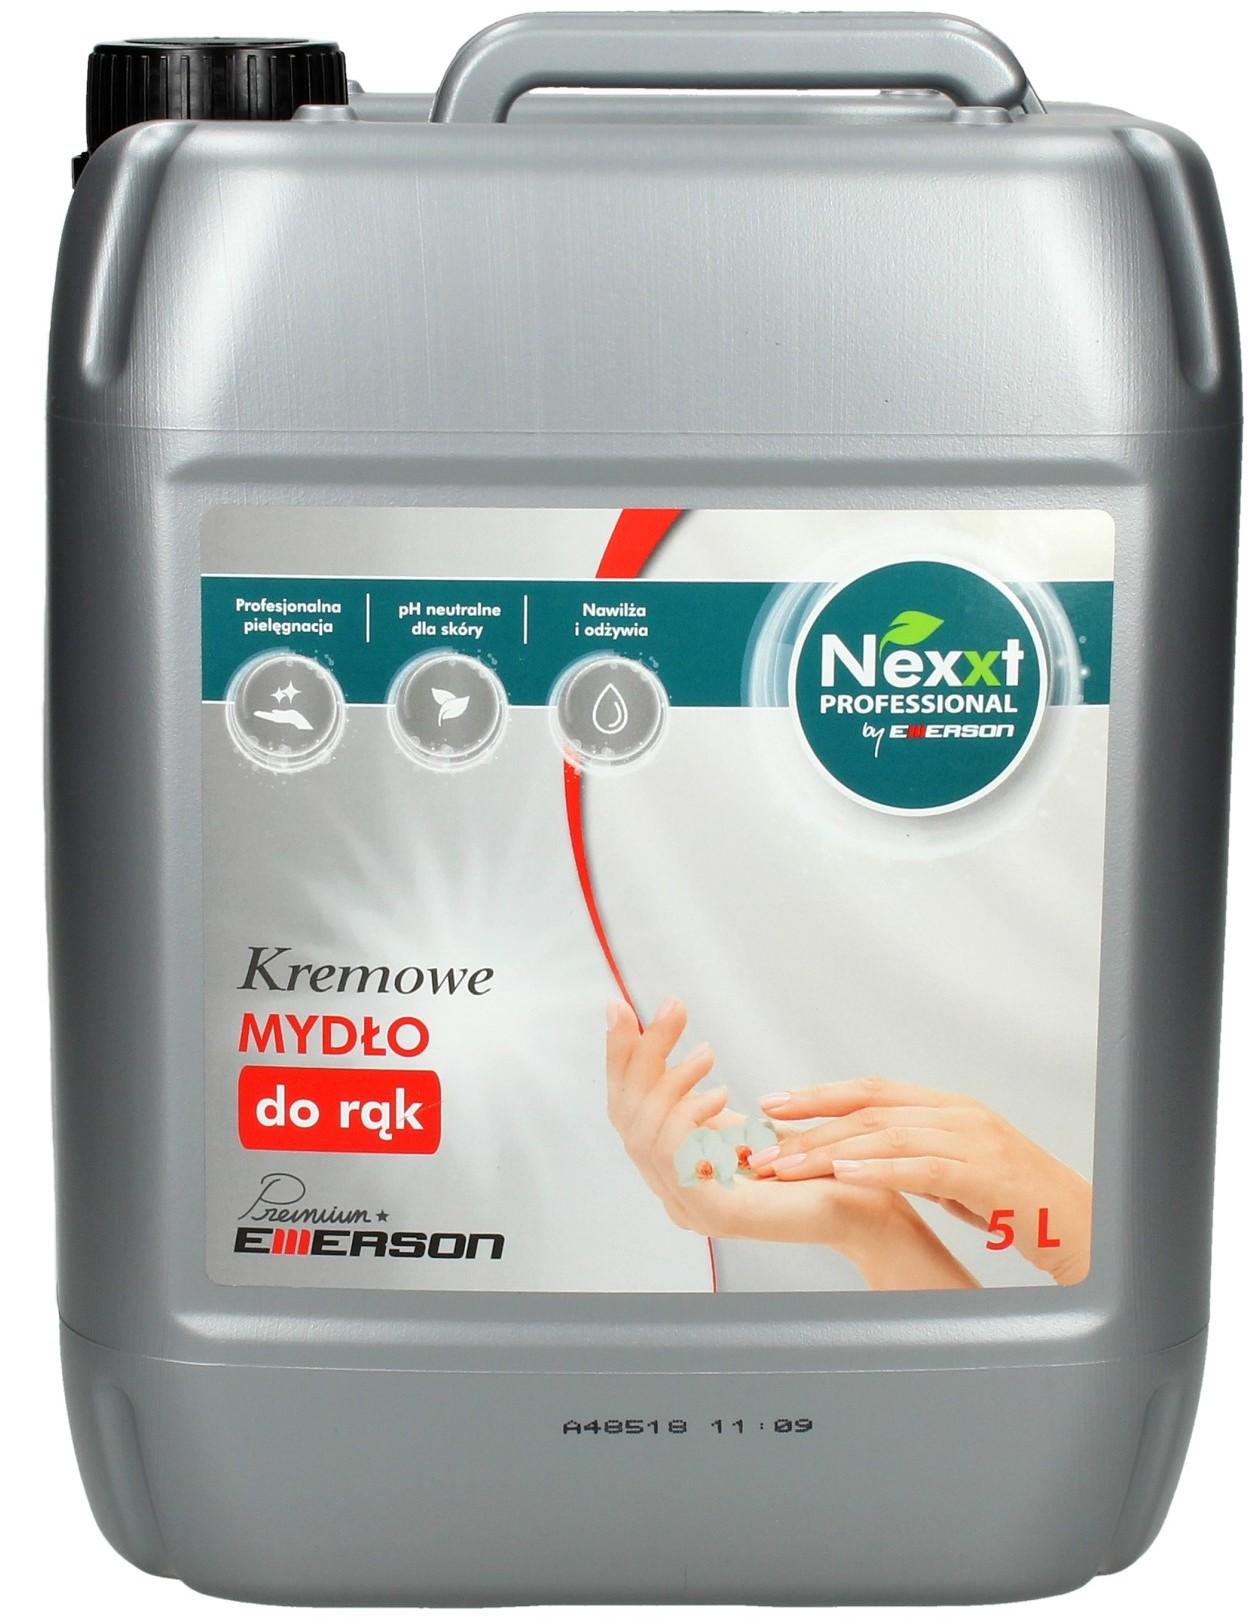 Nexxt Mydło płyn 5L Pro